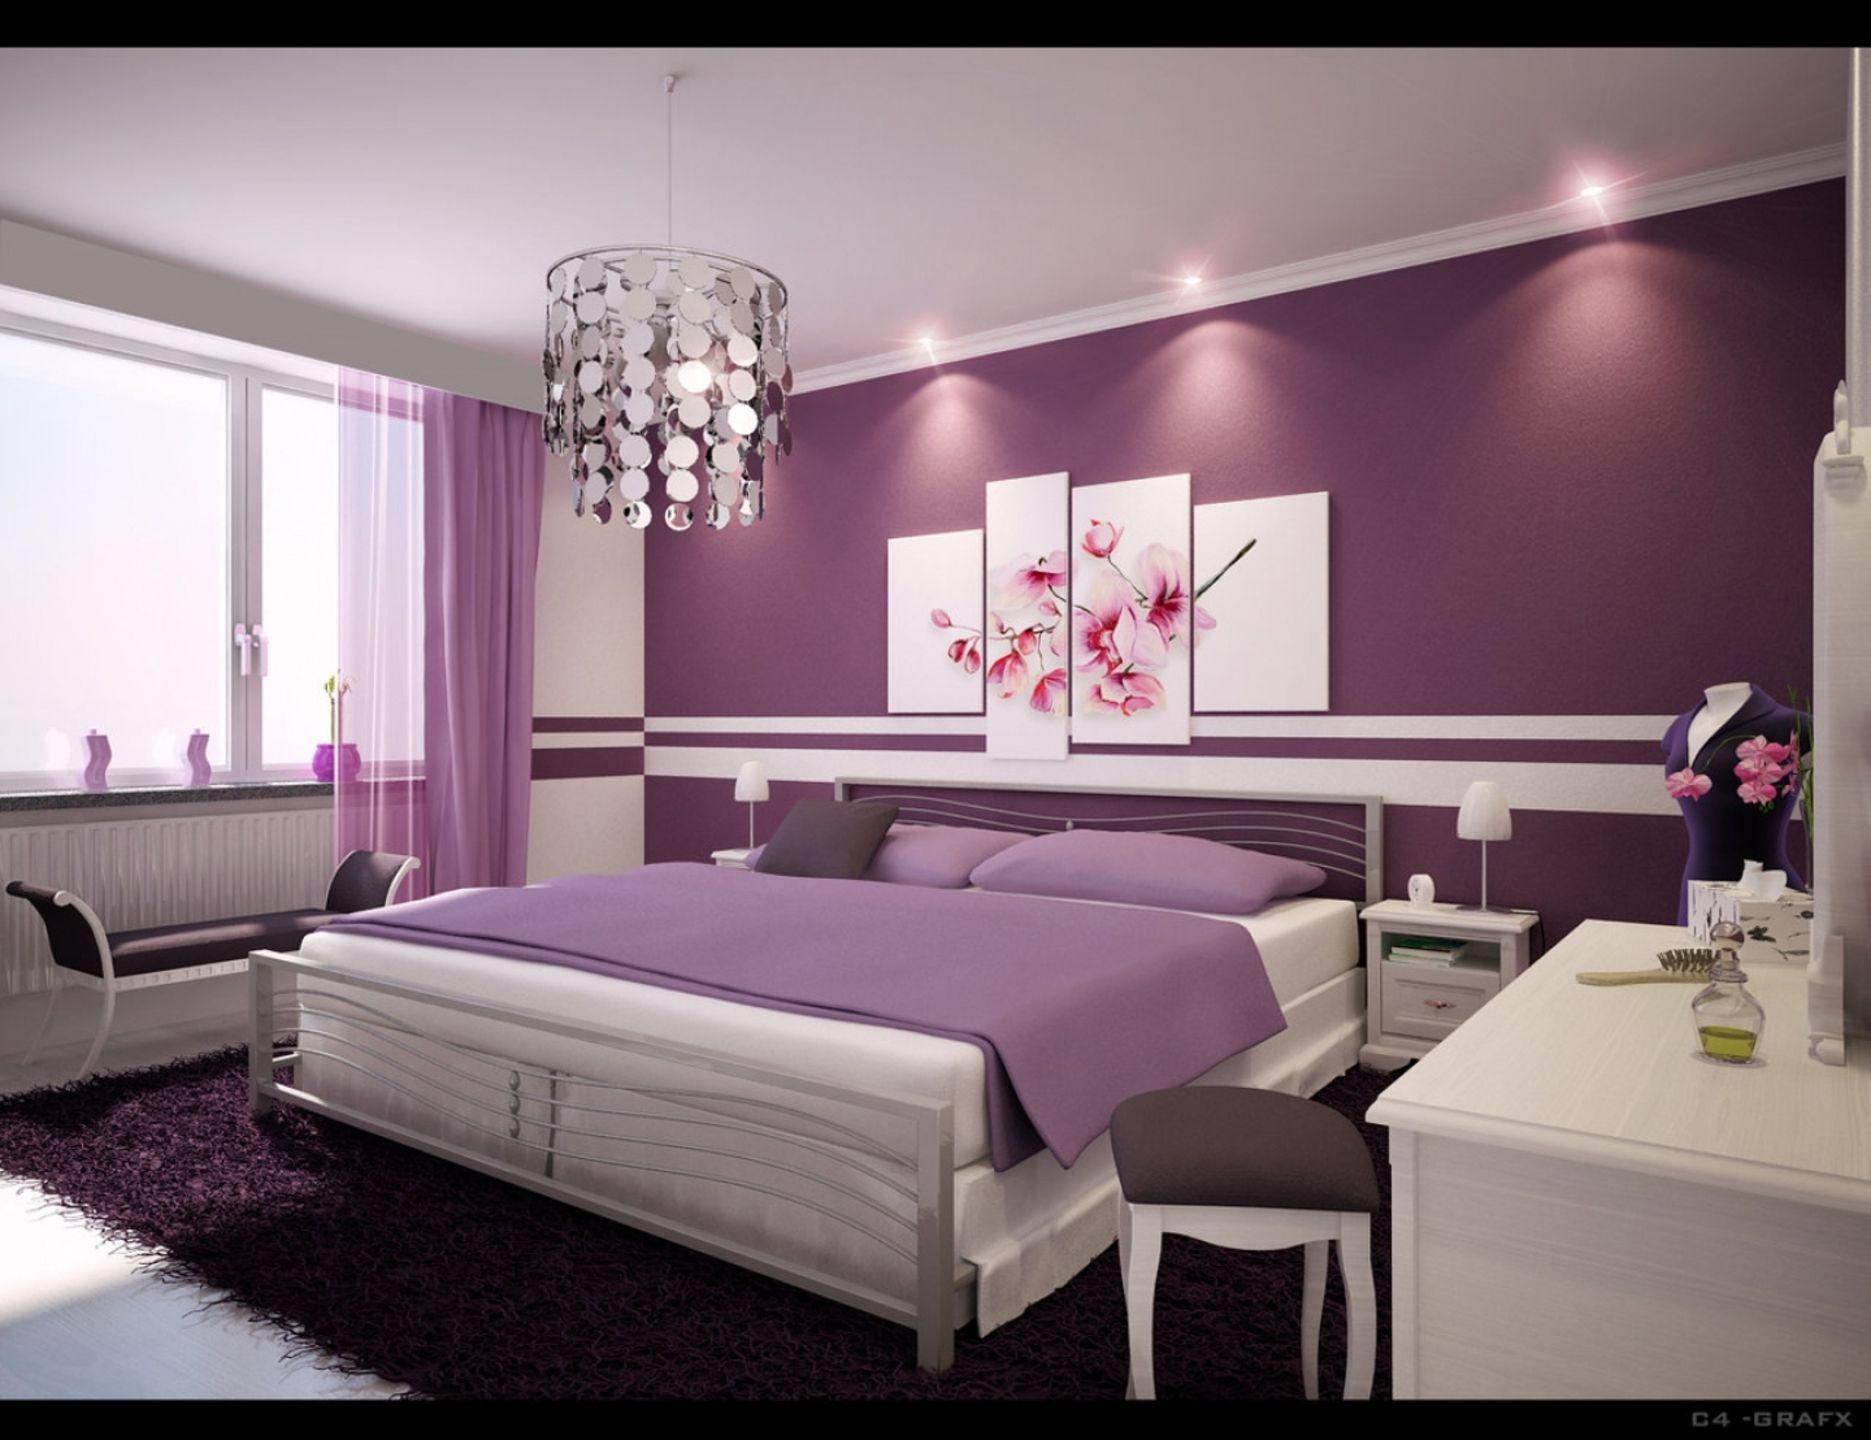 Einfache Schlafzimmer Deko Ideen Eine Niedrige Kommode Kann Eine Attraktive  Option Sein, Für ältere Kinder Und Erwachsene Auch. Sie Nehmen Nicht Viel  Platz ...